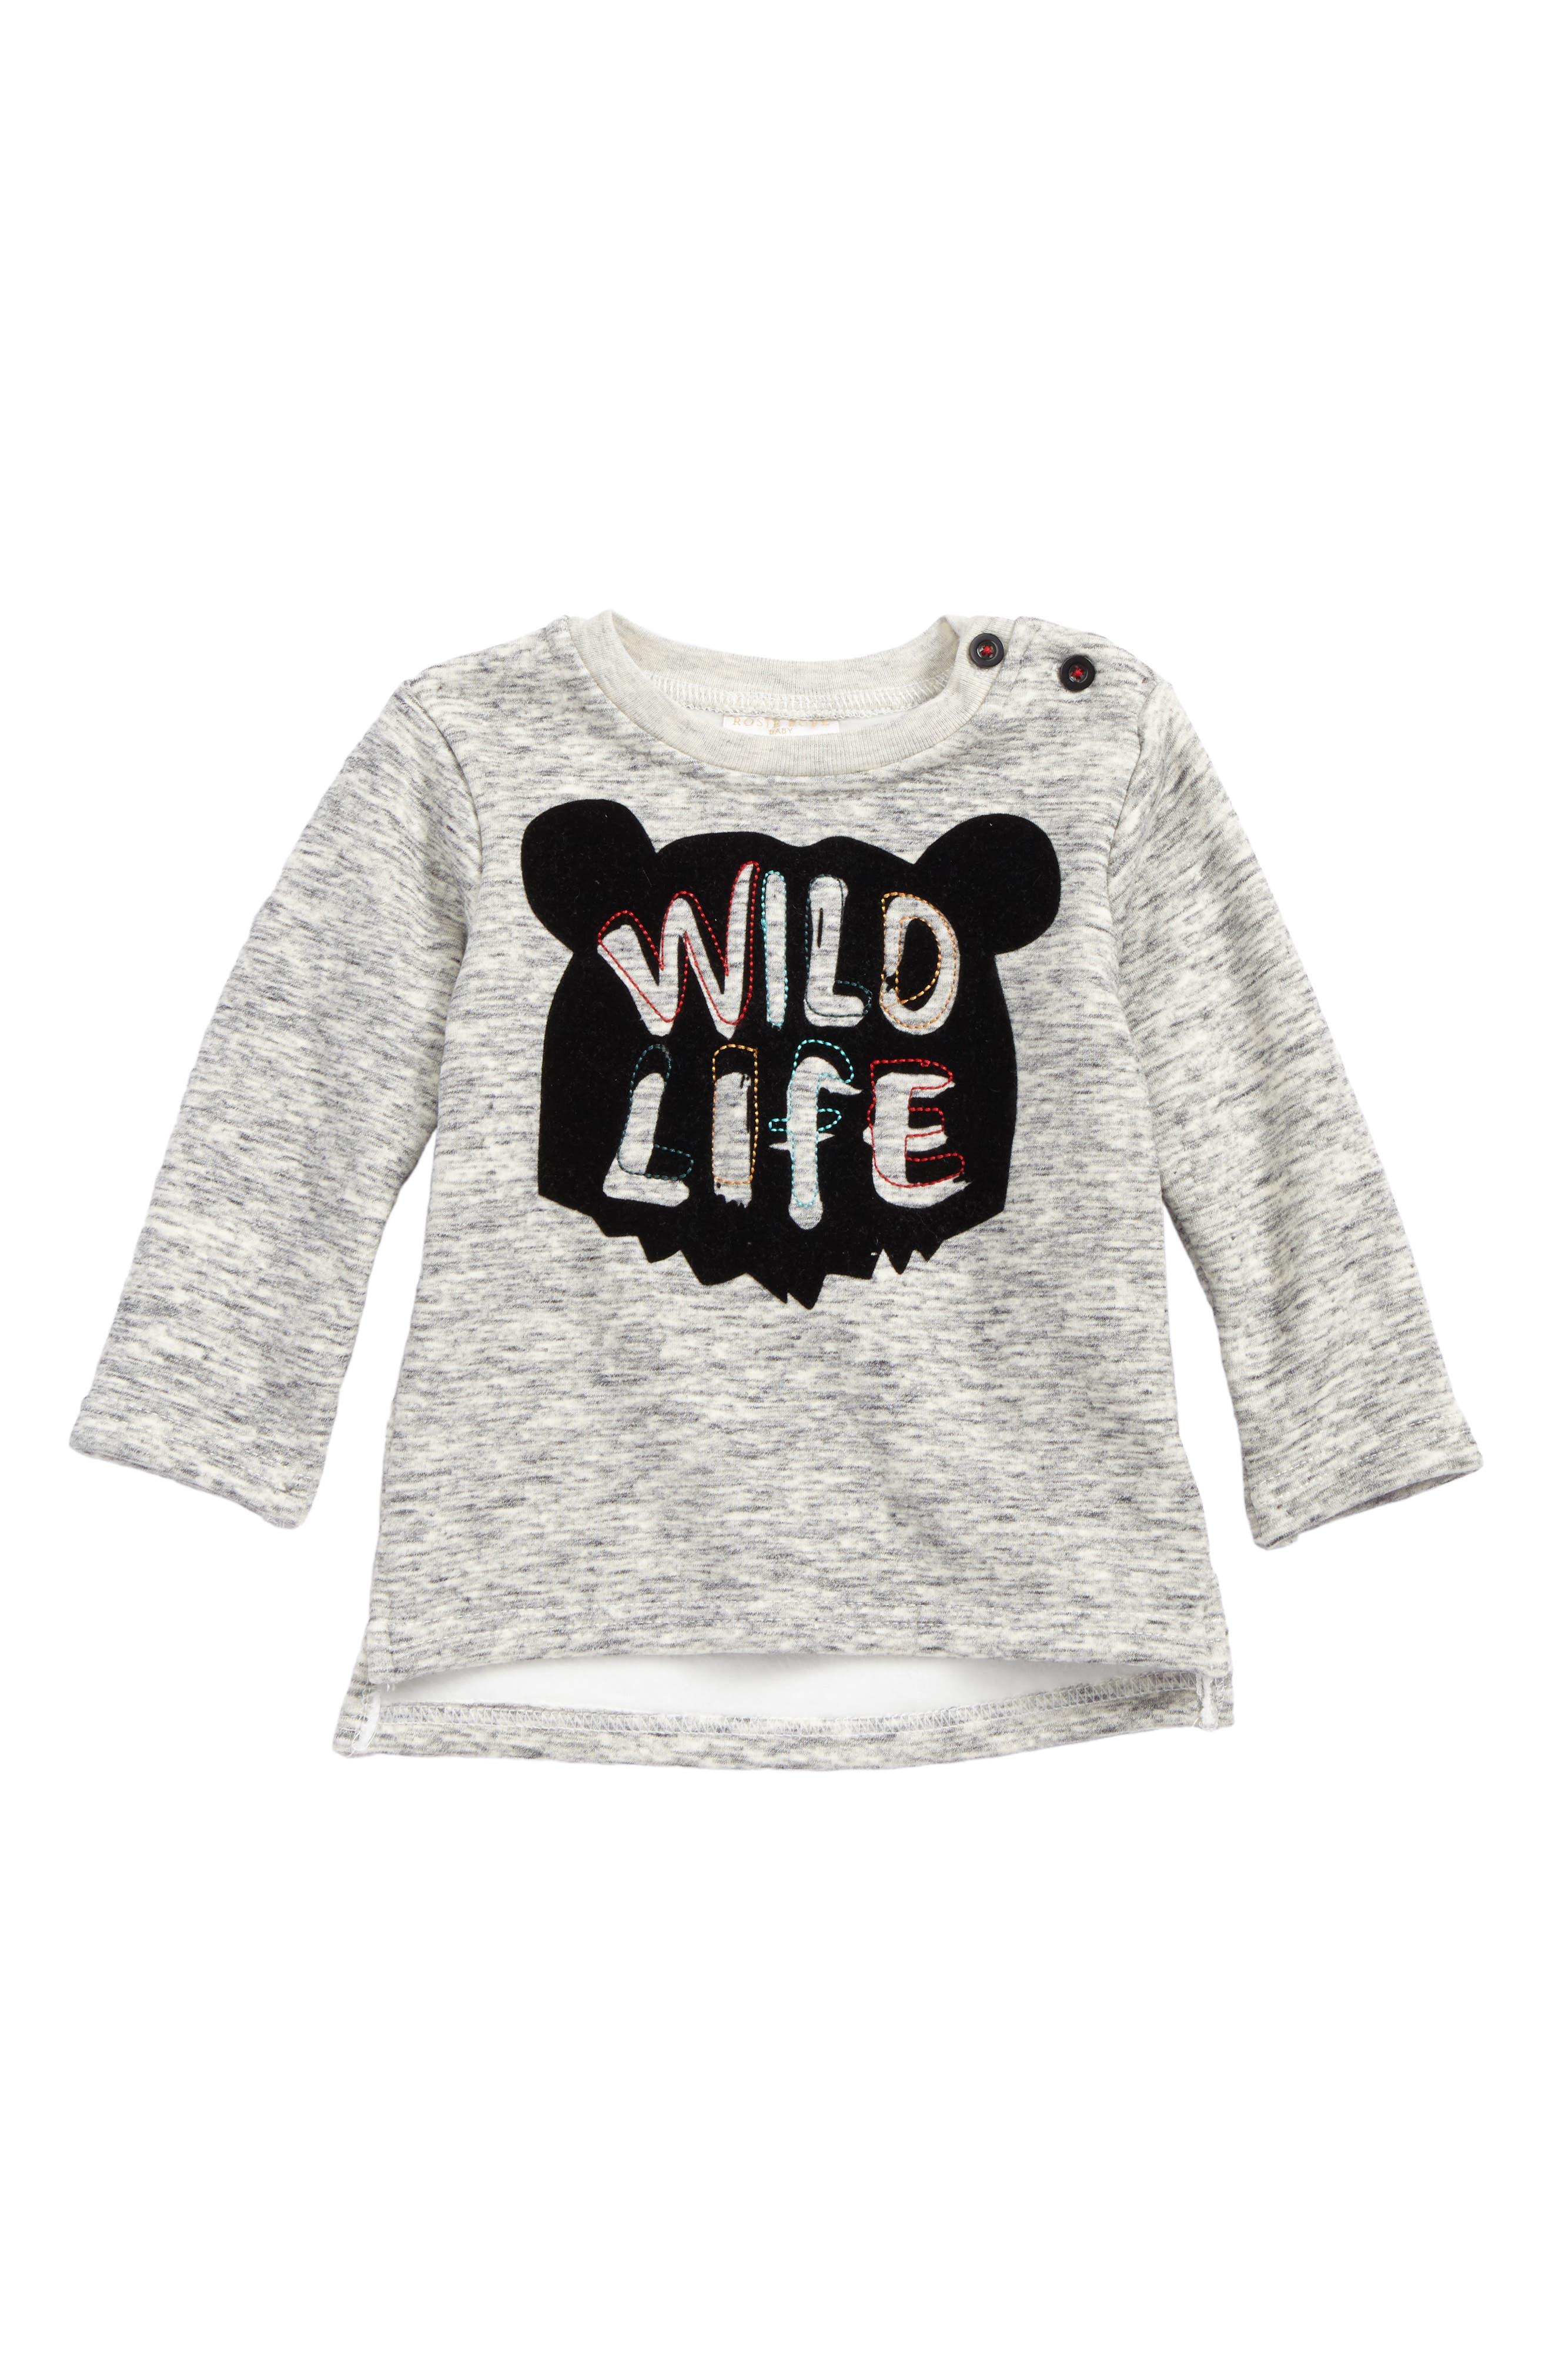 Main Image - Rosie Pope Wild Life Sweatshirt (Baby Boys)